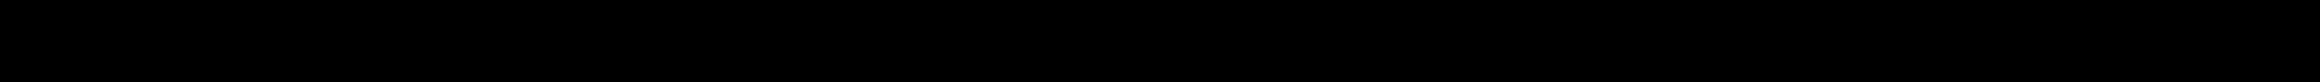 PHILIPS 57 M9 328, BR 0711P, LR000704, LR005383, LR044458 Glühlampe, Fernscheinwerfer